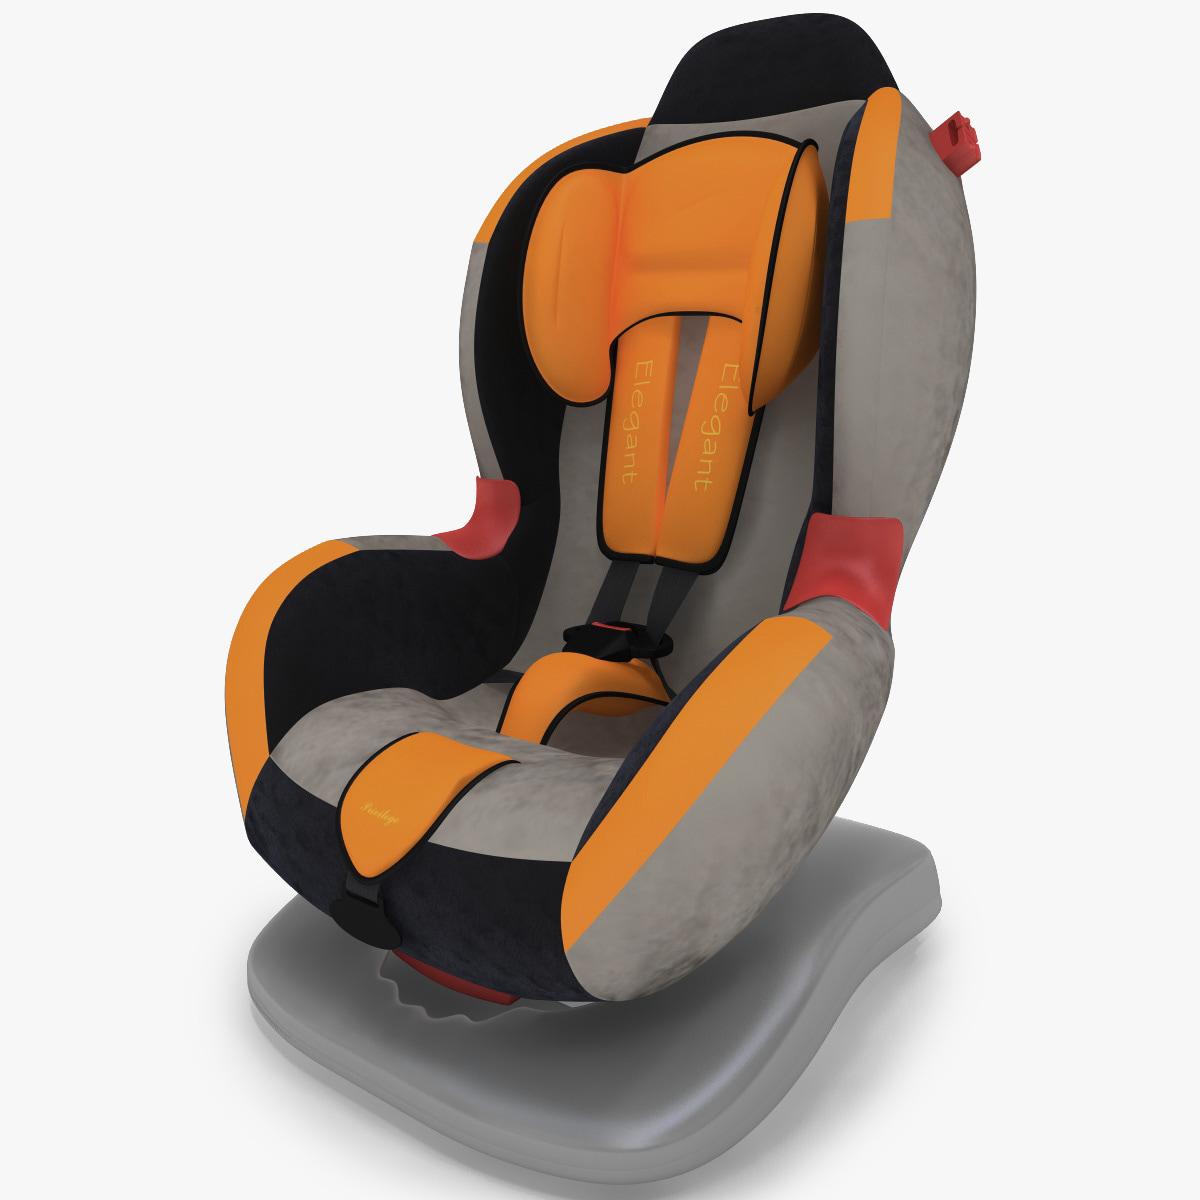 Kiddy_Car_Seat_Elegant_Privilege_00.jpg